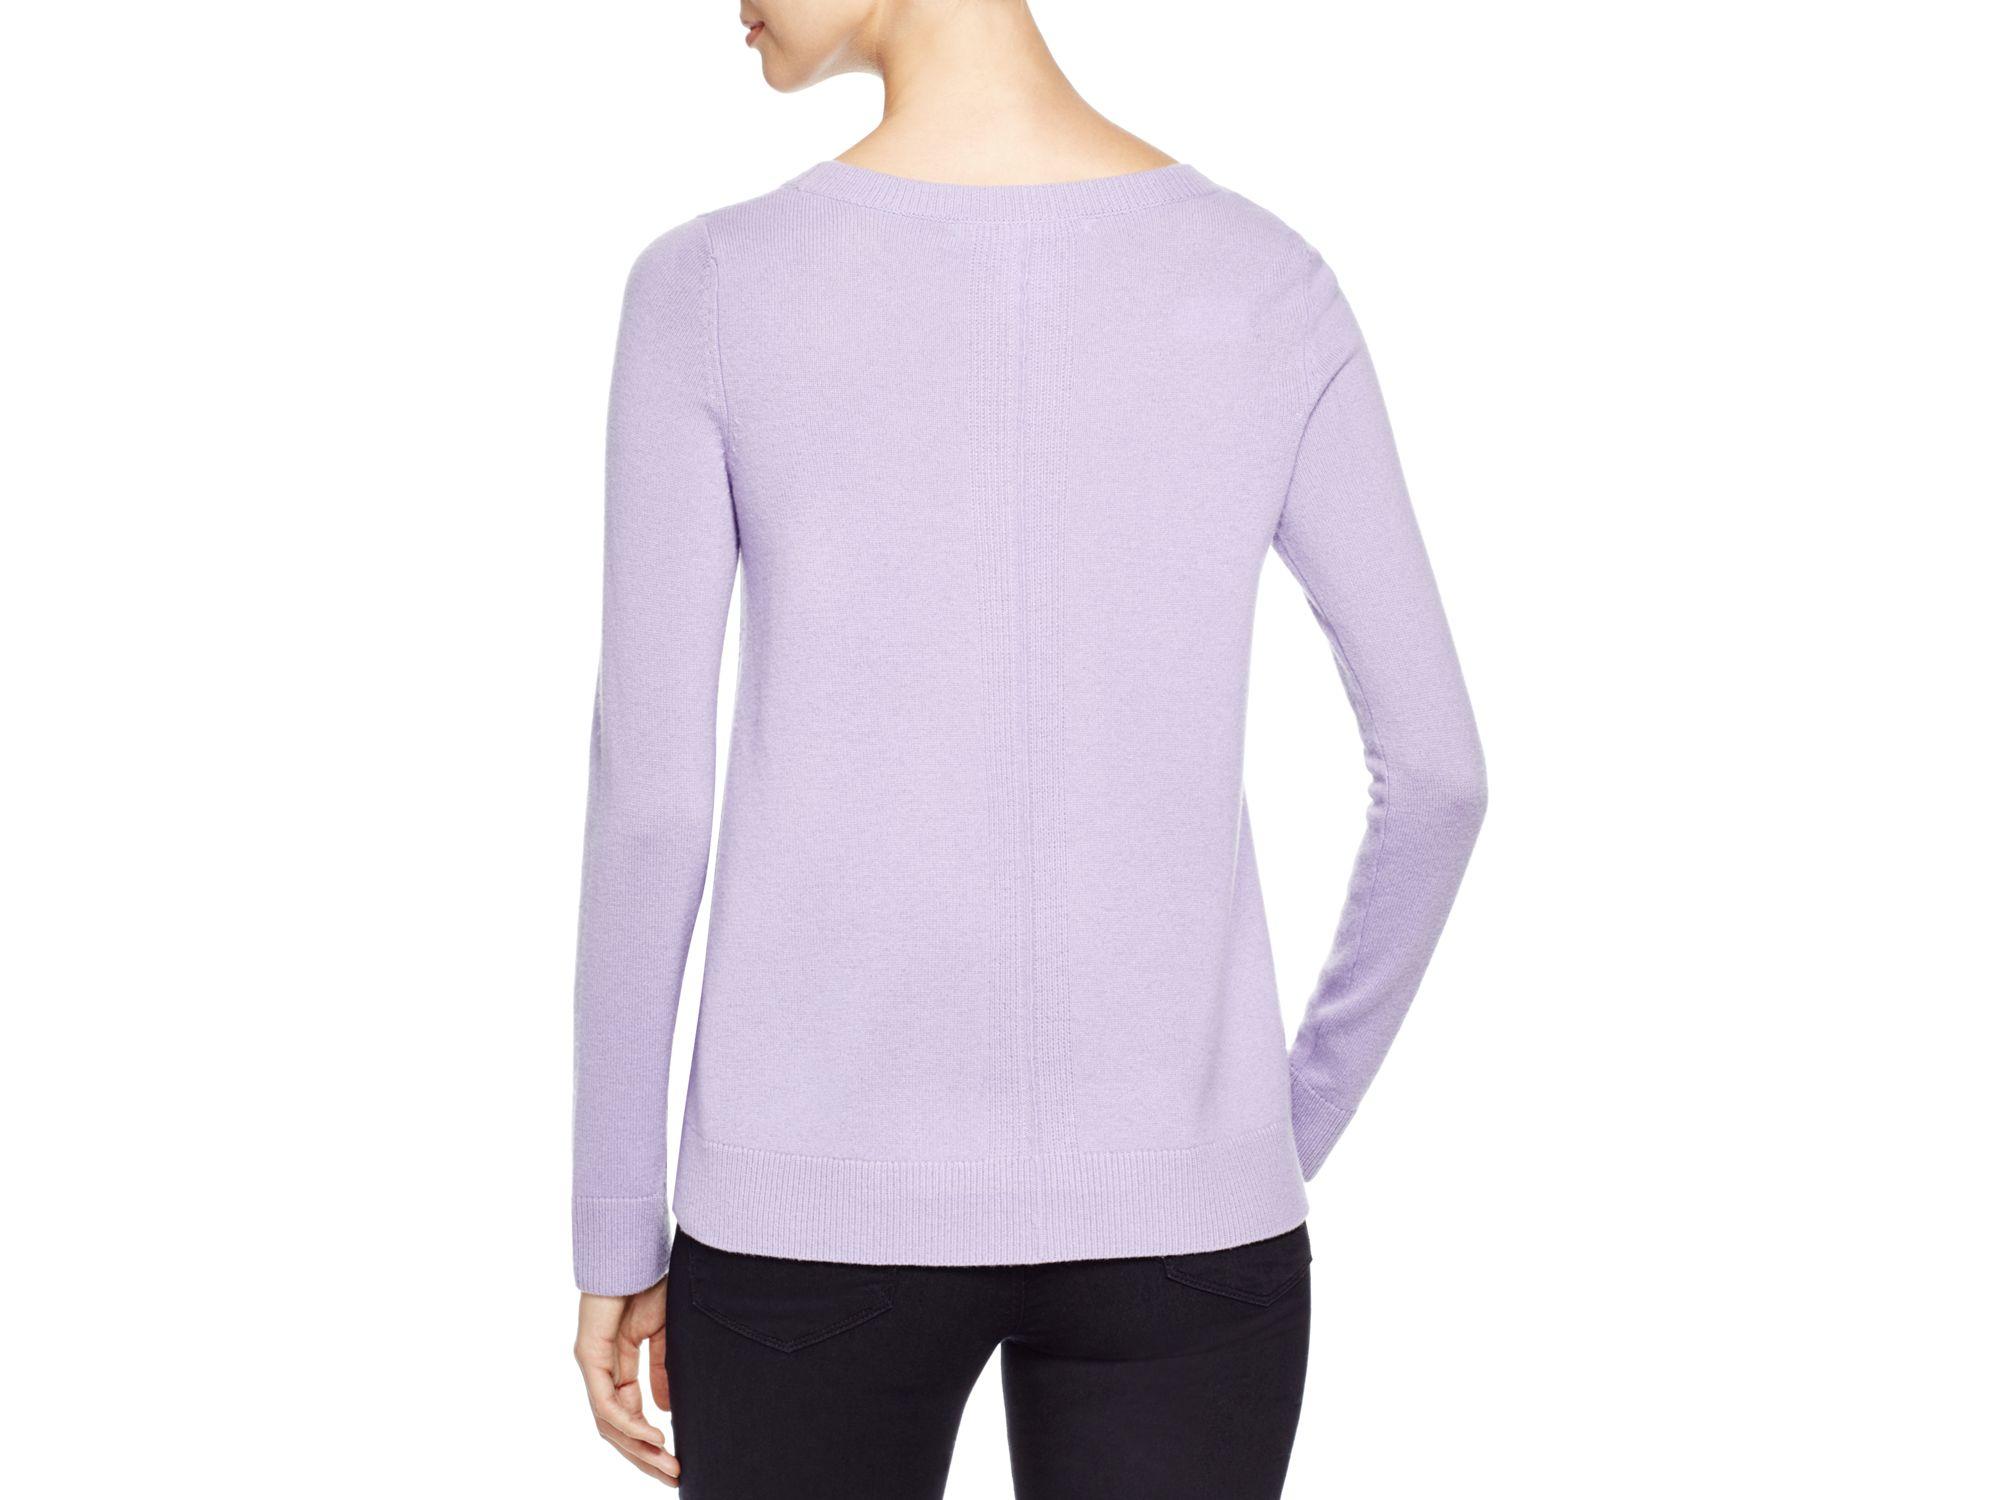 Diane von furstenberg Zandra Cashmere Sweater in Purple | Lyst